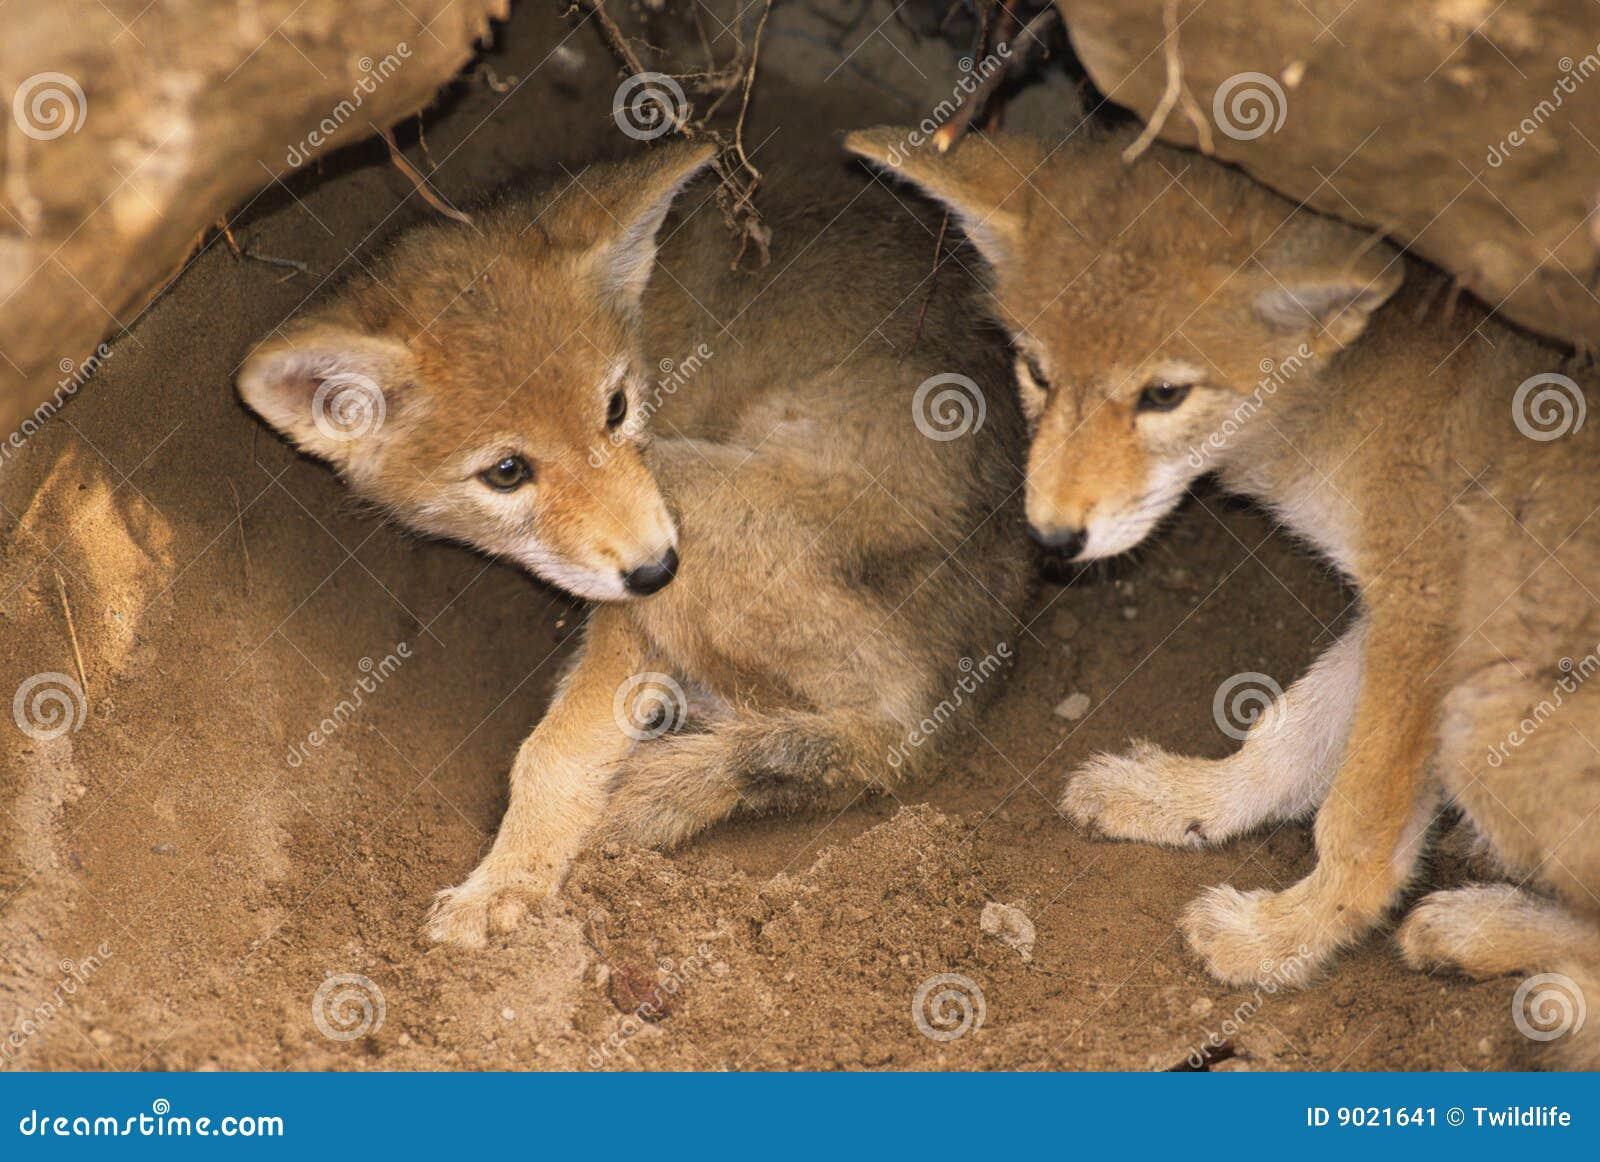 Coyote Pups in Den